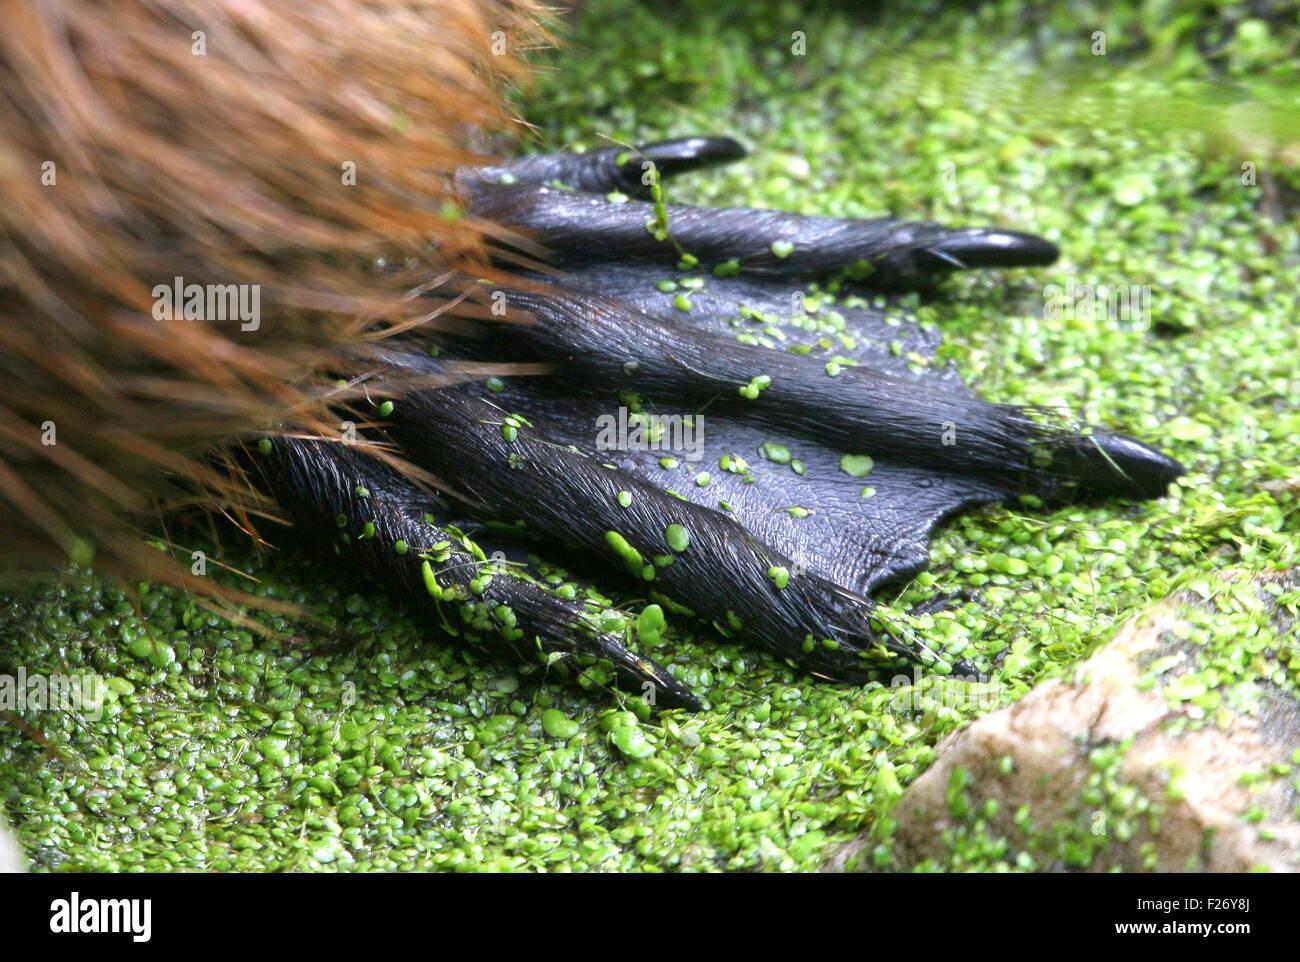 Nahaufnahme von der Schwimmfuß einer südamerikanischen Nutrias oder River Ratte (Biber brummeln) Stockbild